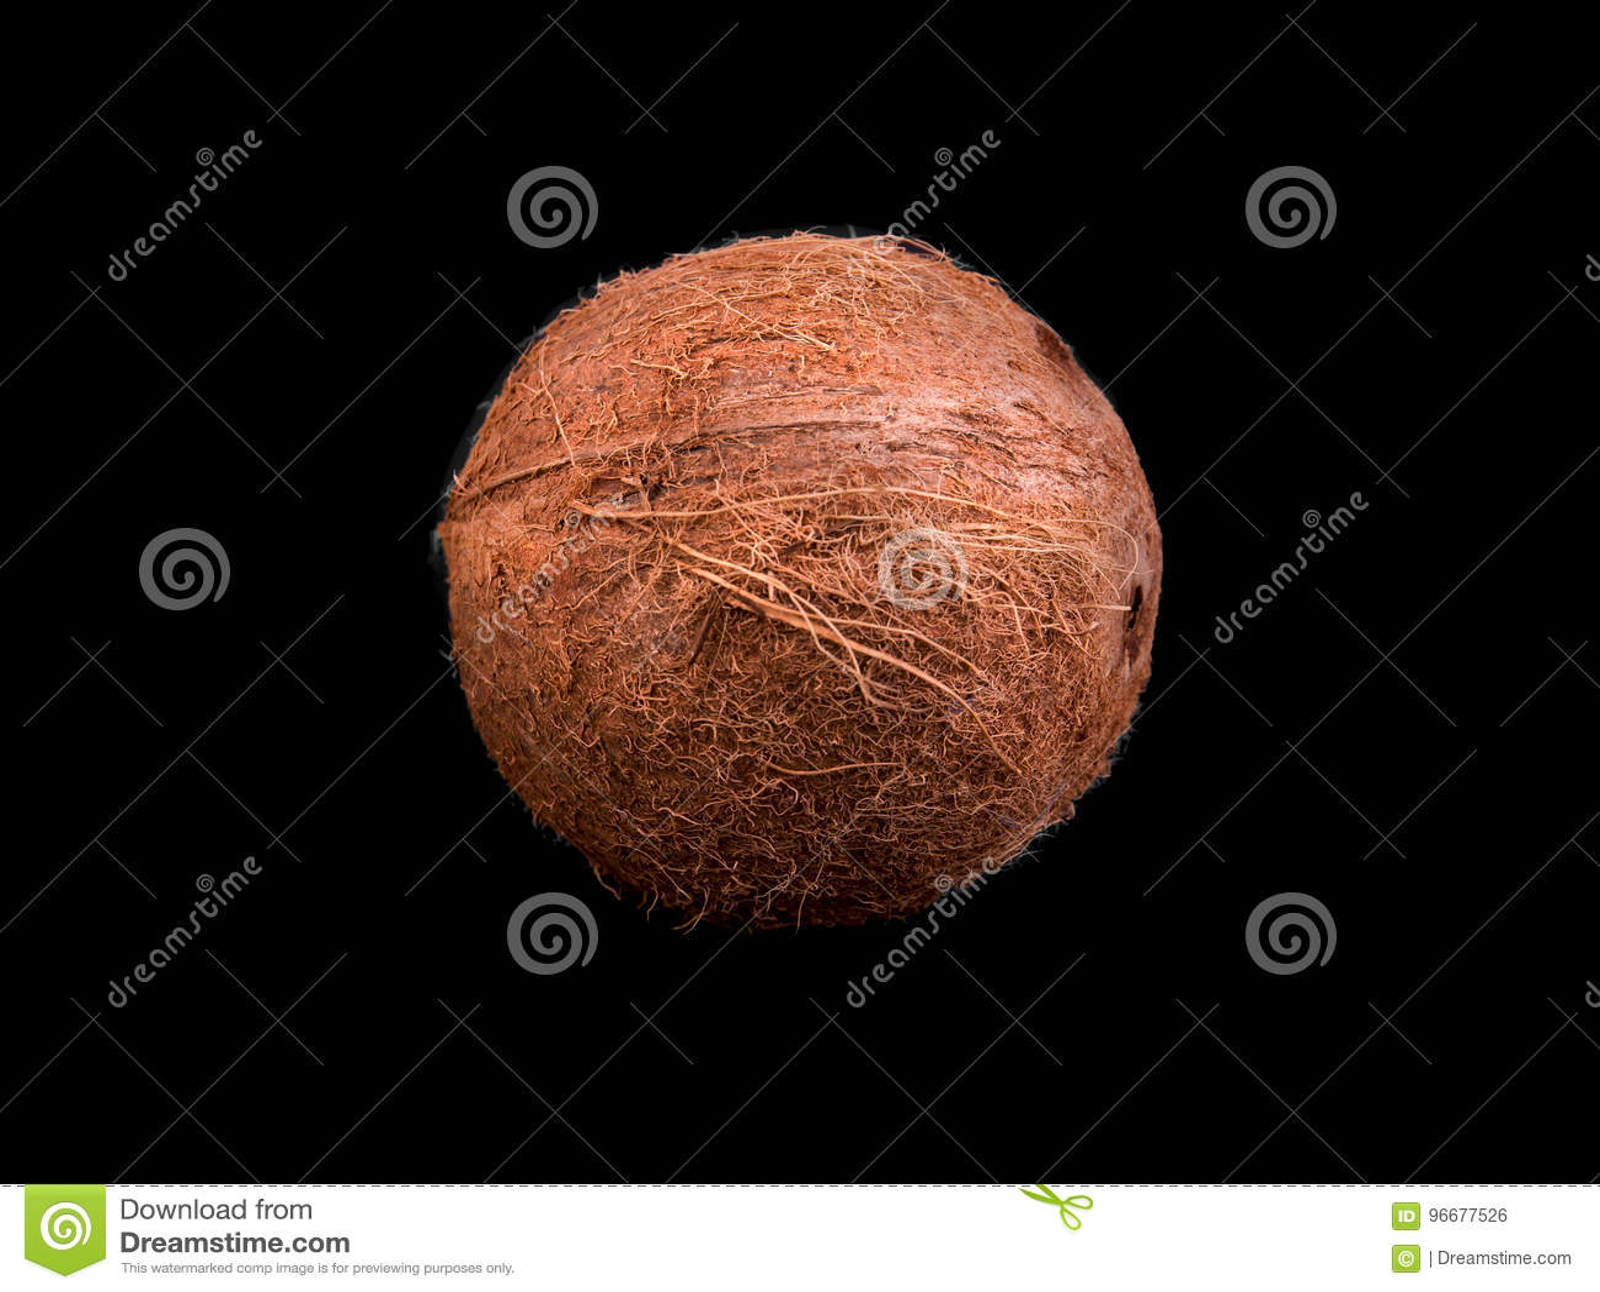 ist die kokosnuss eine nuss